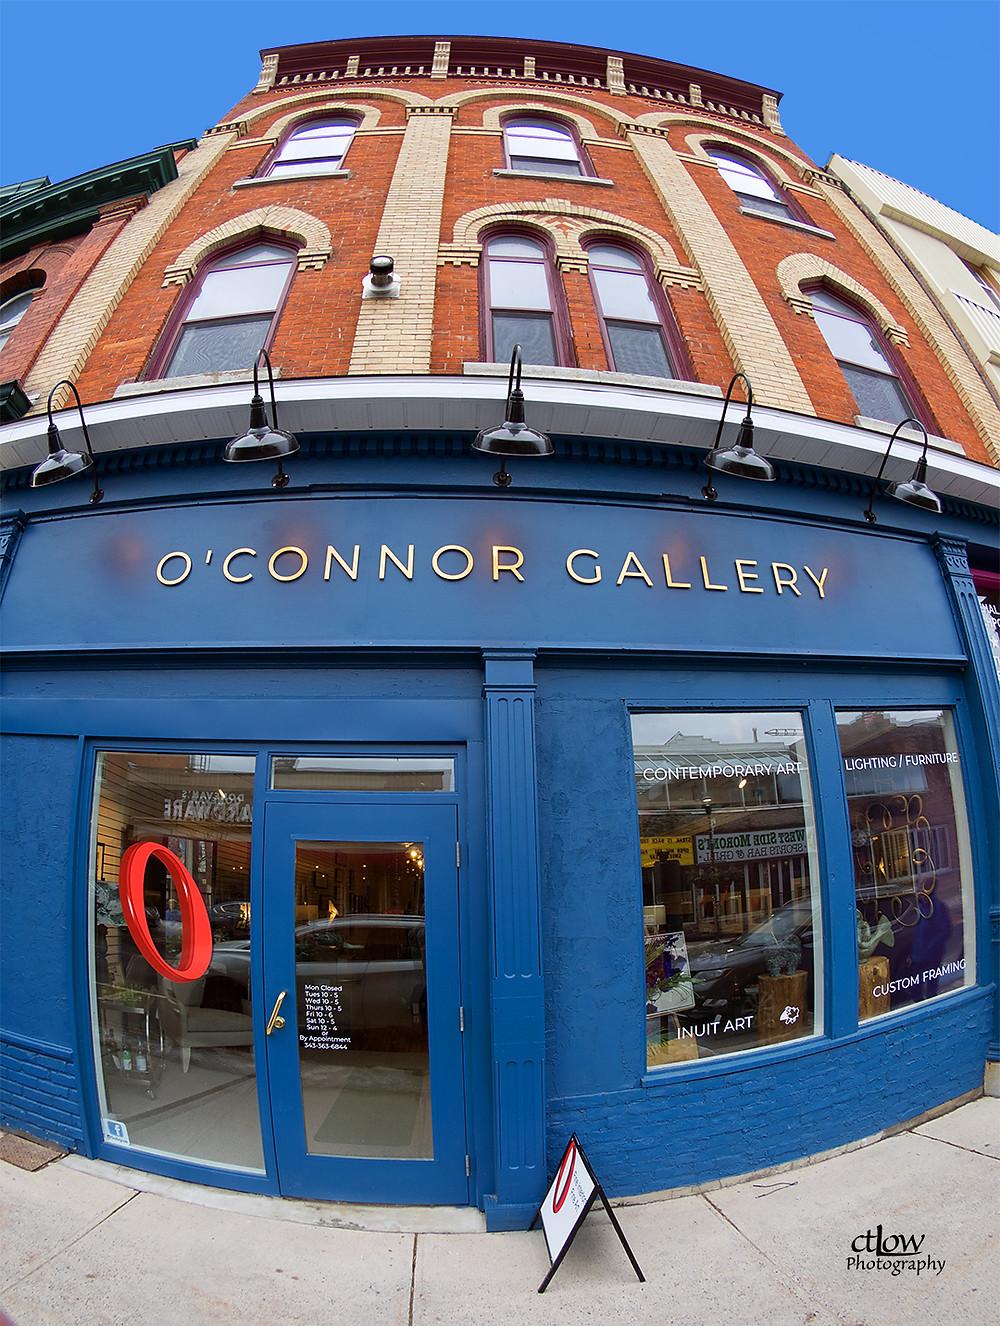 O'Connor Gallery